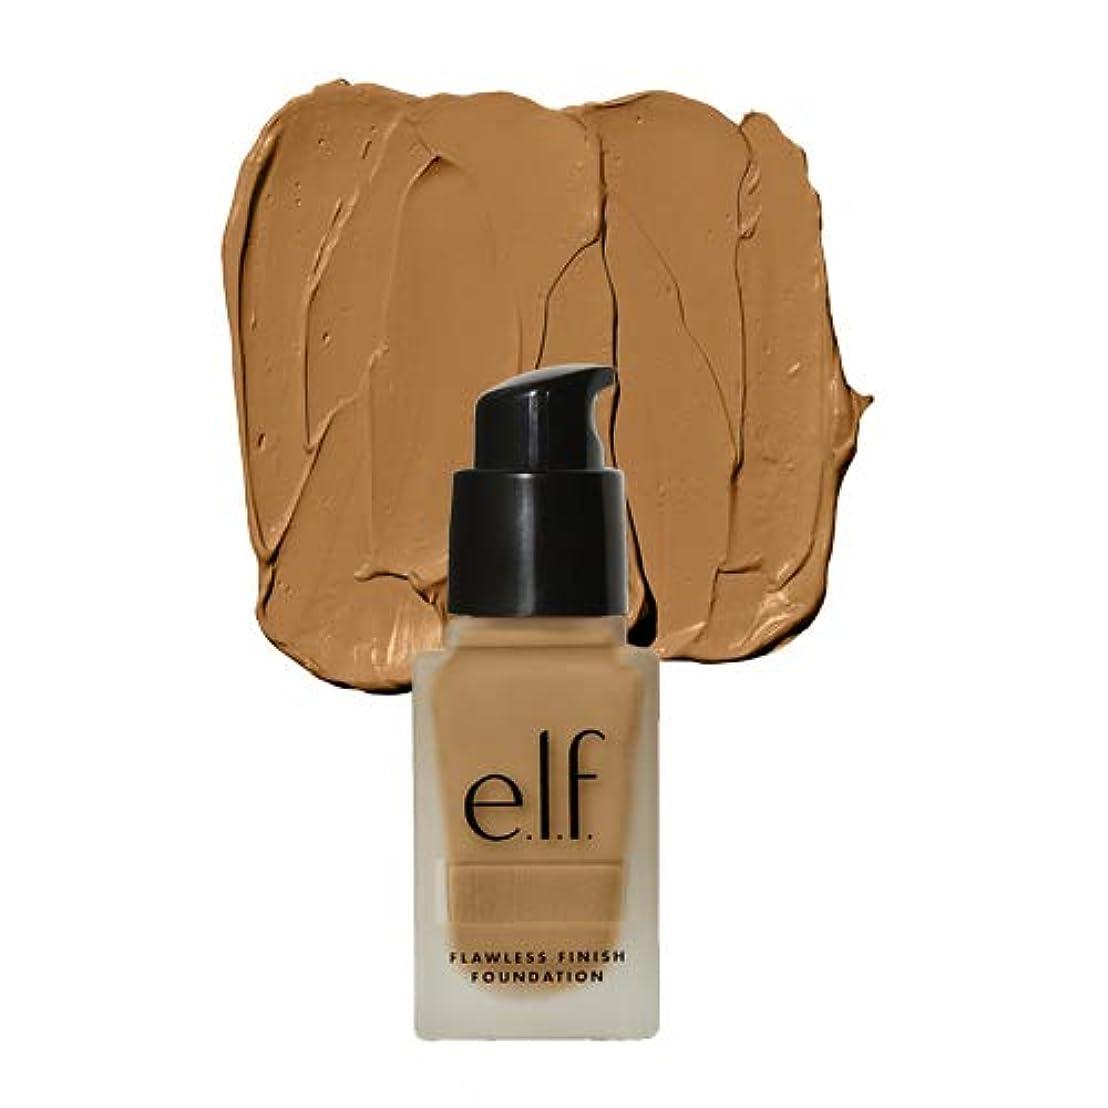 経験修羅場放射能(3 Pack) e.l.f. Oil Free Flawless Finish Foundation - Linen (並行輸入品)